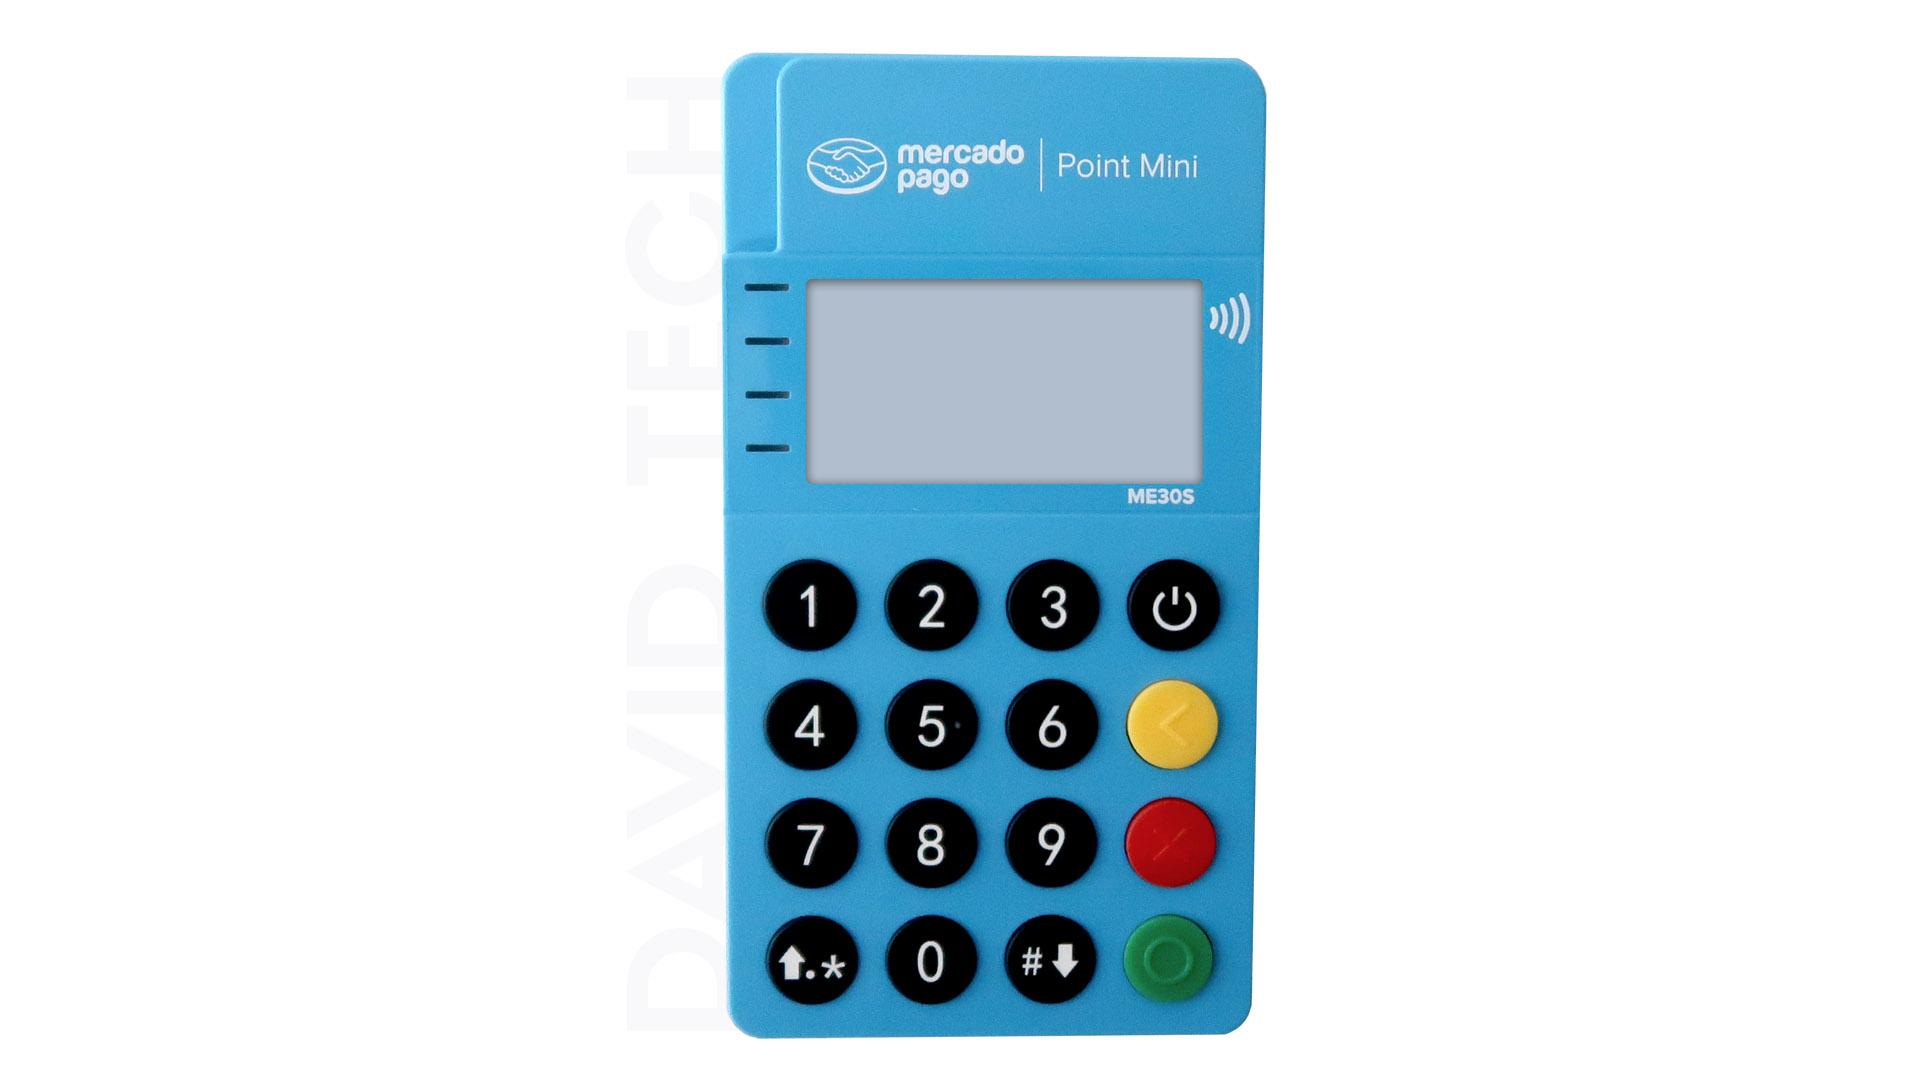 Point Mini NFC - Newland Me30s